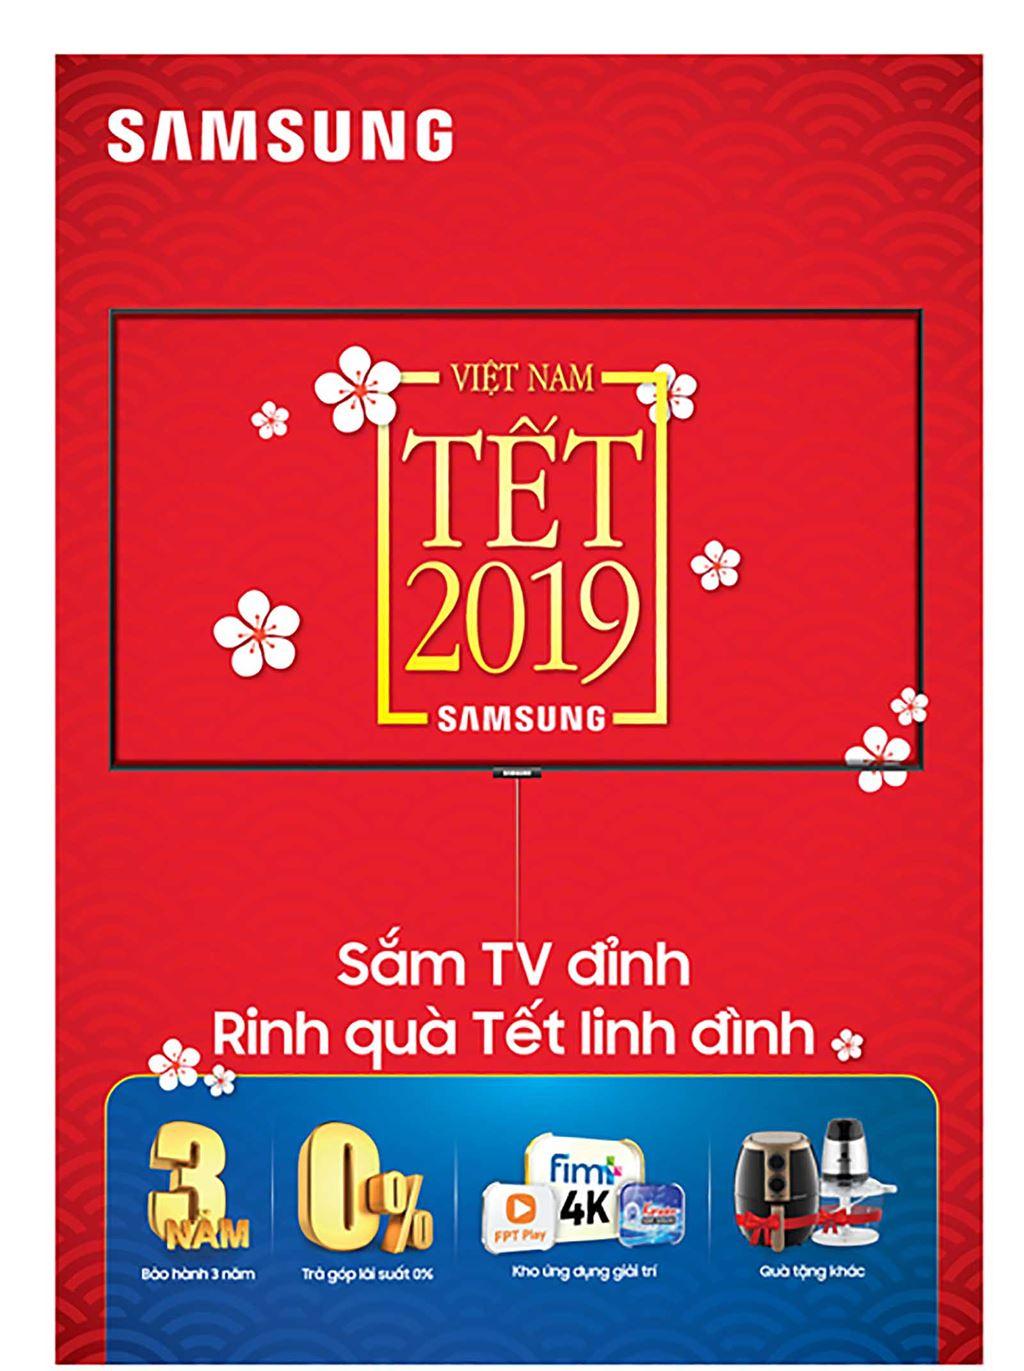 """Chương trình ưu đãi đặc biệt """"Thấy Tết lớn, mừng Tết lớn"""" khi mua các sản phẩm SmartTV của Samsung ảnh 1"""